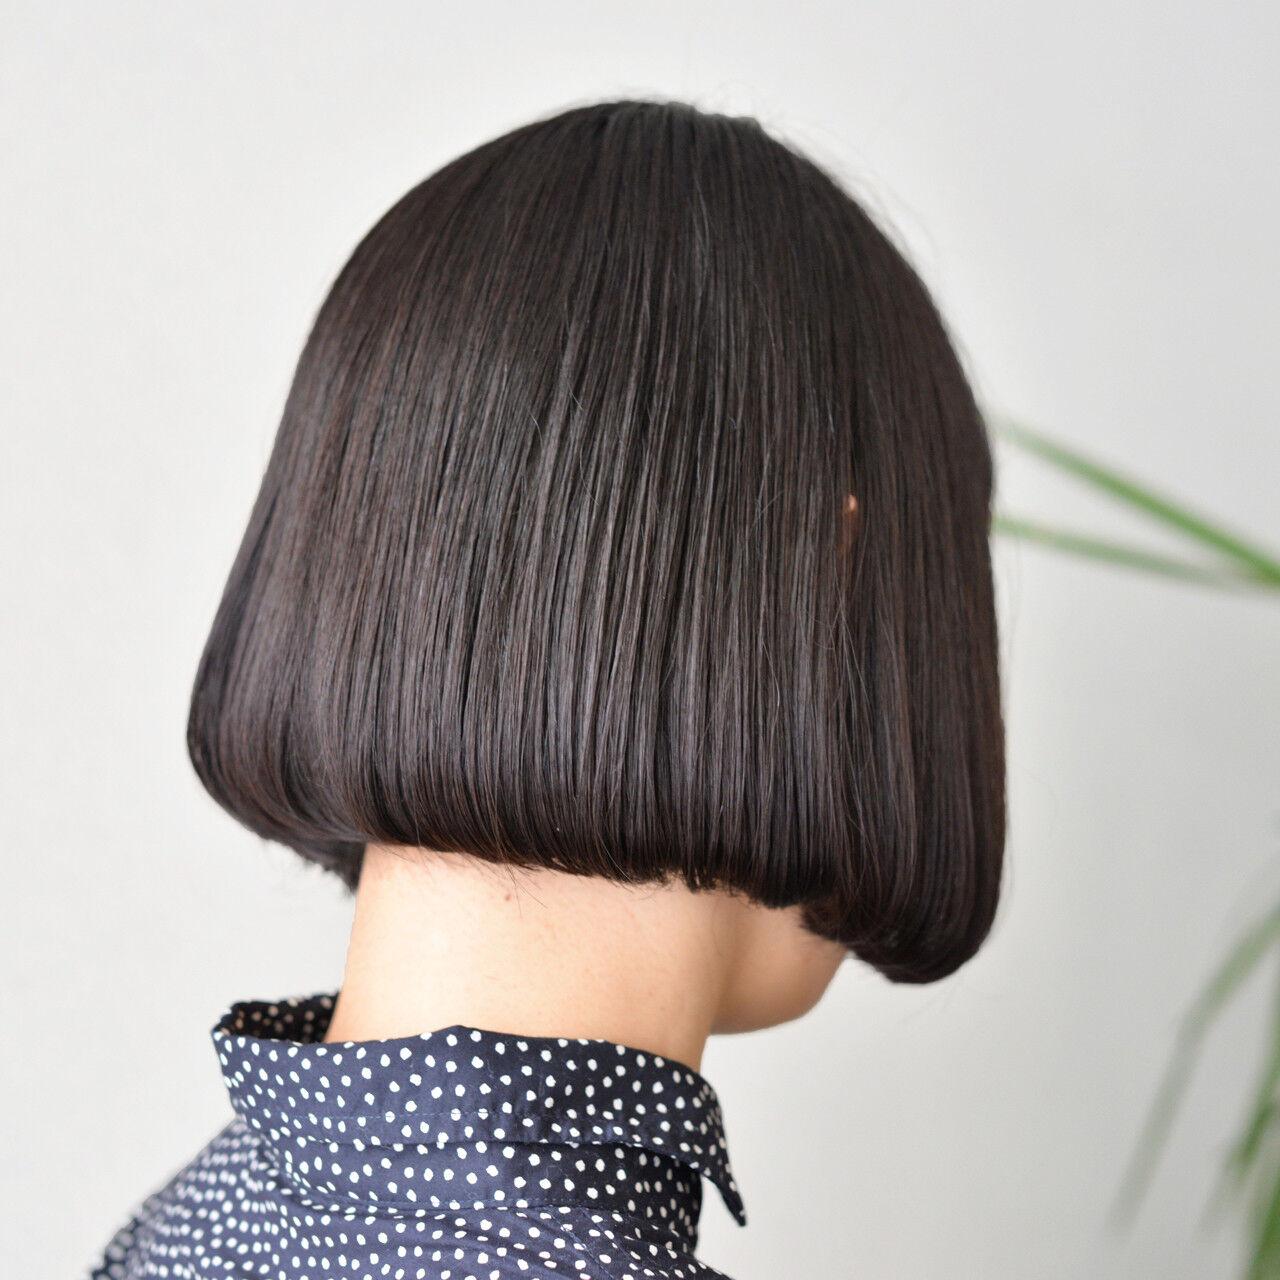 アッシュ 色気 ボブ モードヘアスタイルや髪型の写真・画像